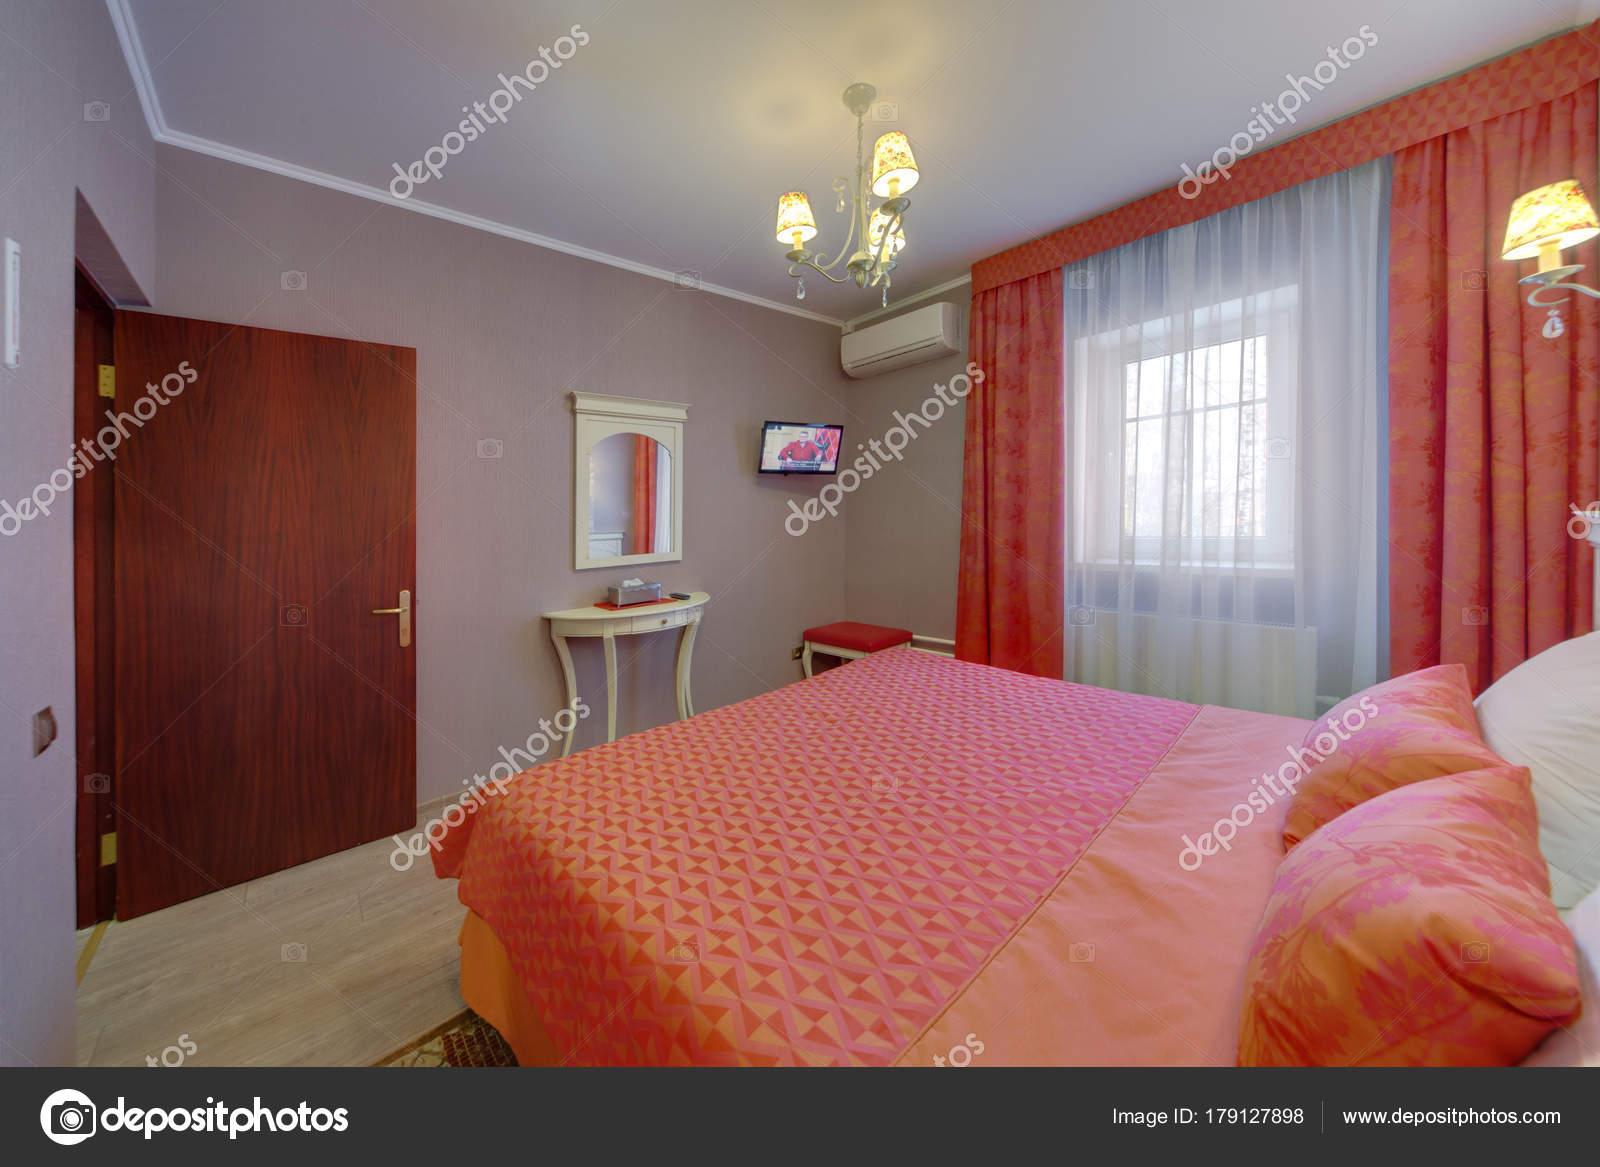 Das Schlafzimmer Der Farbe Orange Mit Einem Grossen Fenster Und